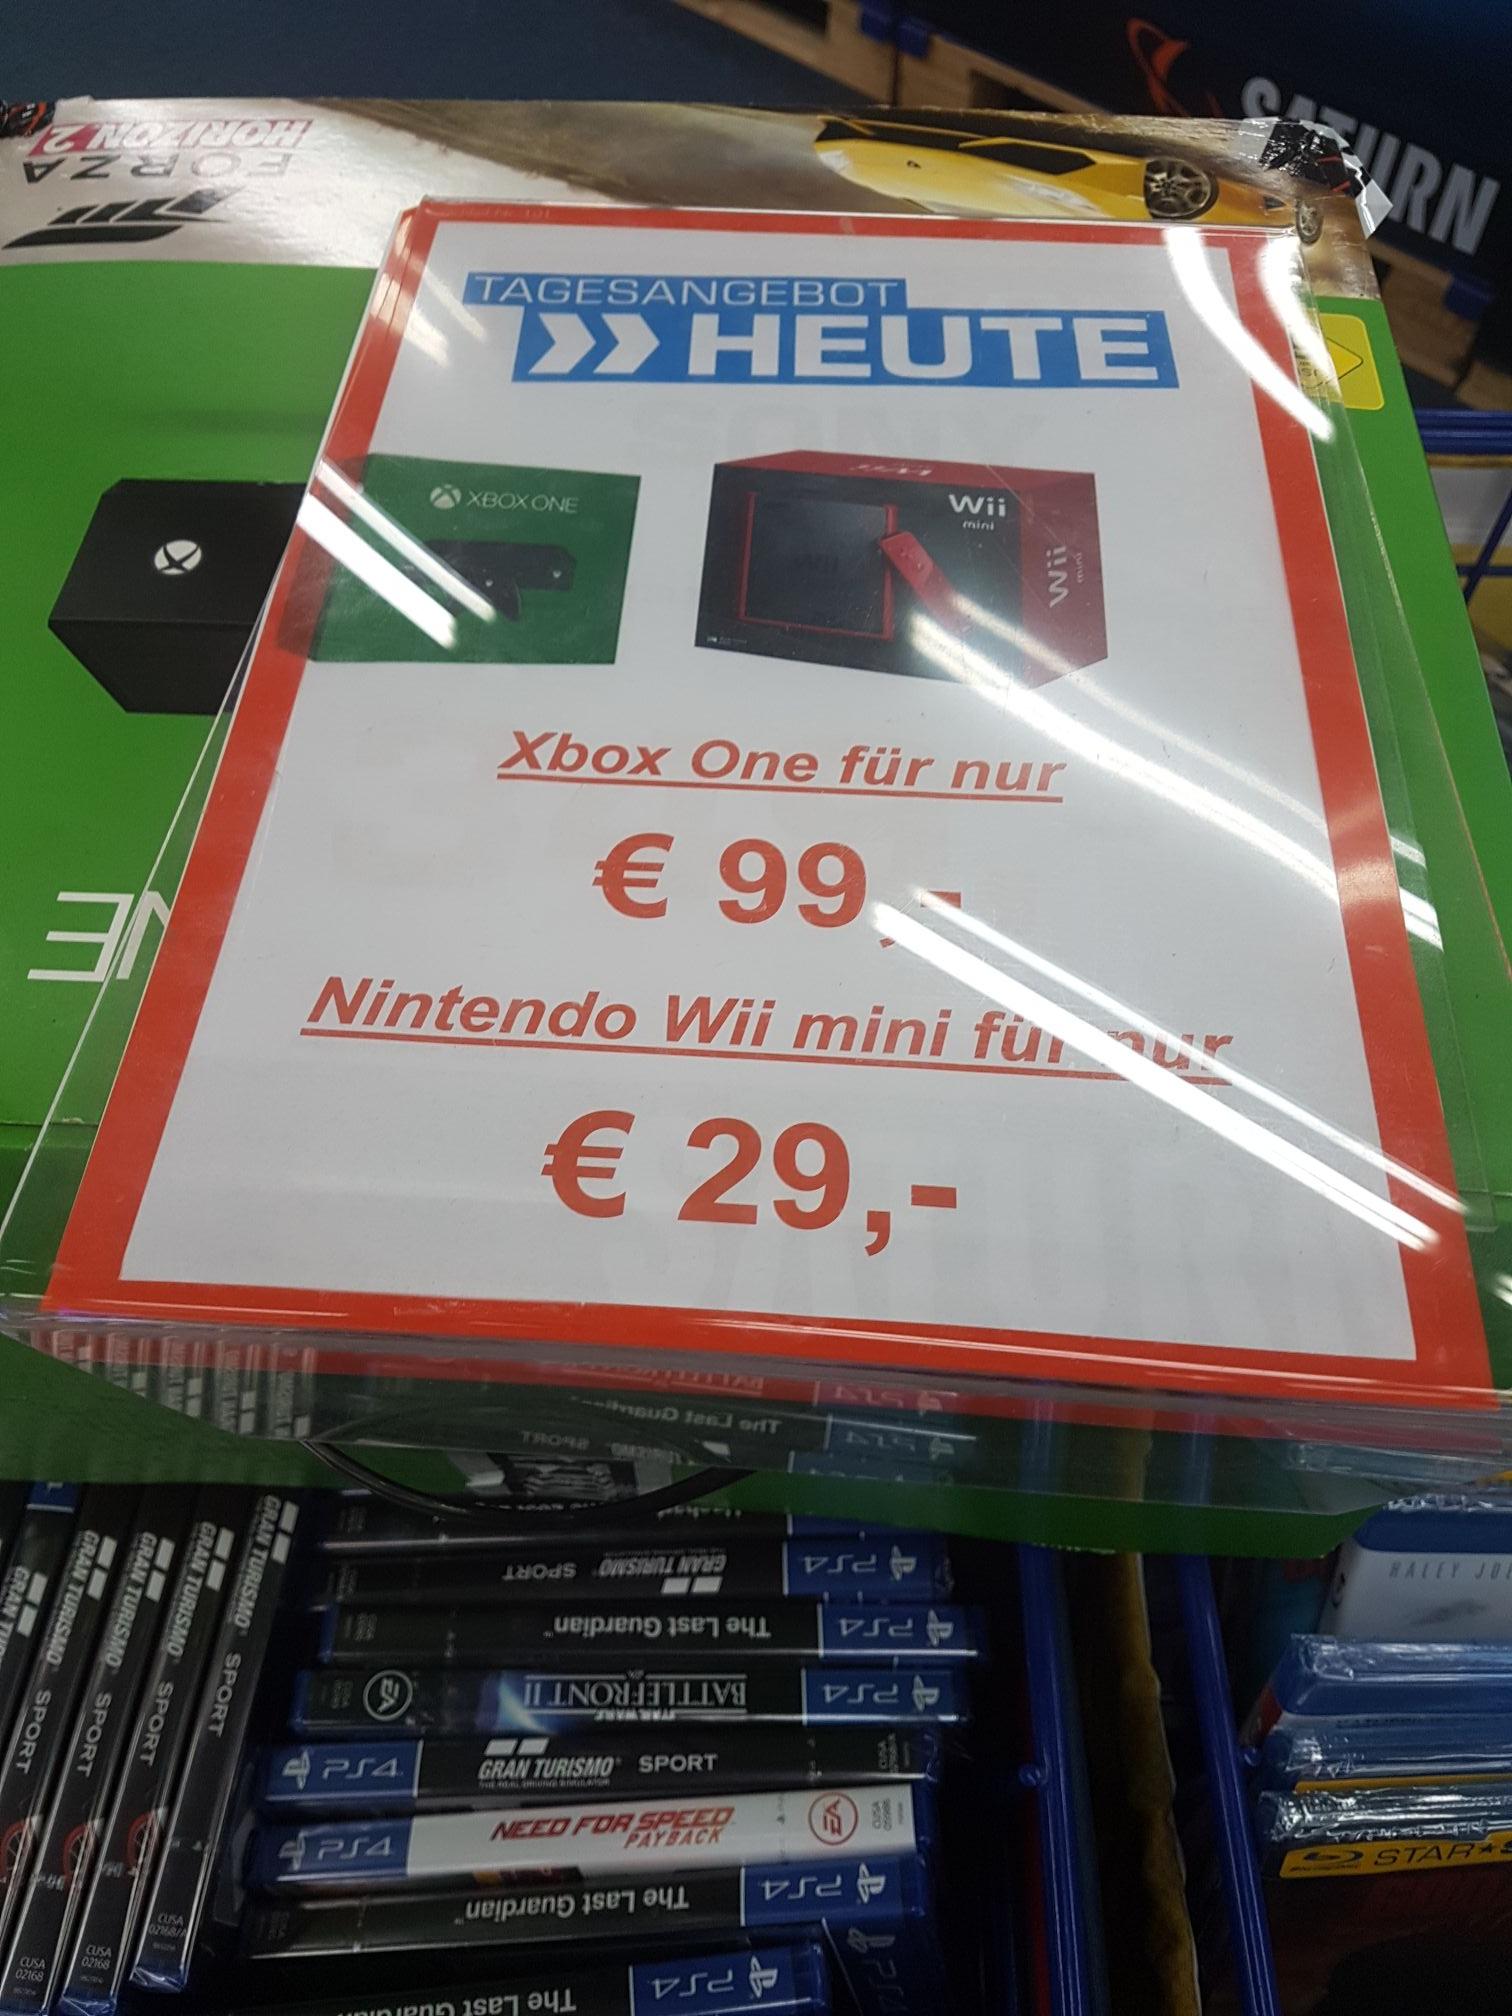 Wii Mini Für 29u20ac Und Xbox One Für 99u20ac (Lokal Bad Homburg Saturn